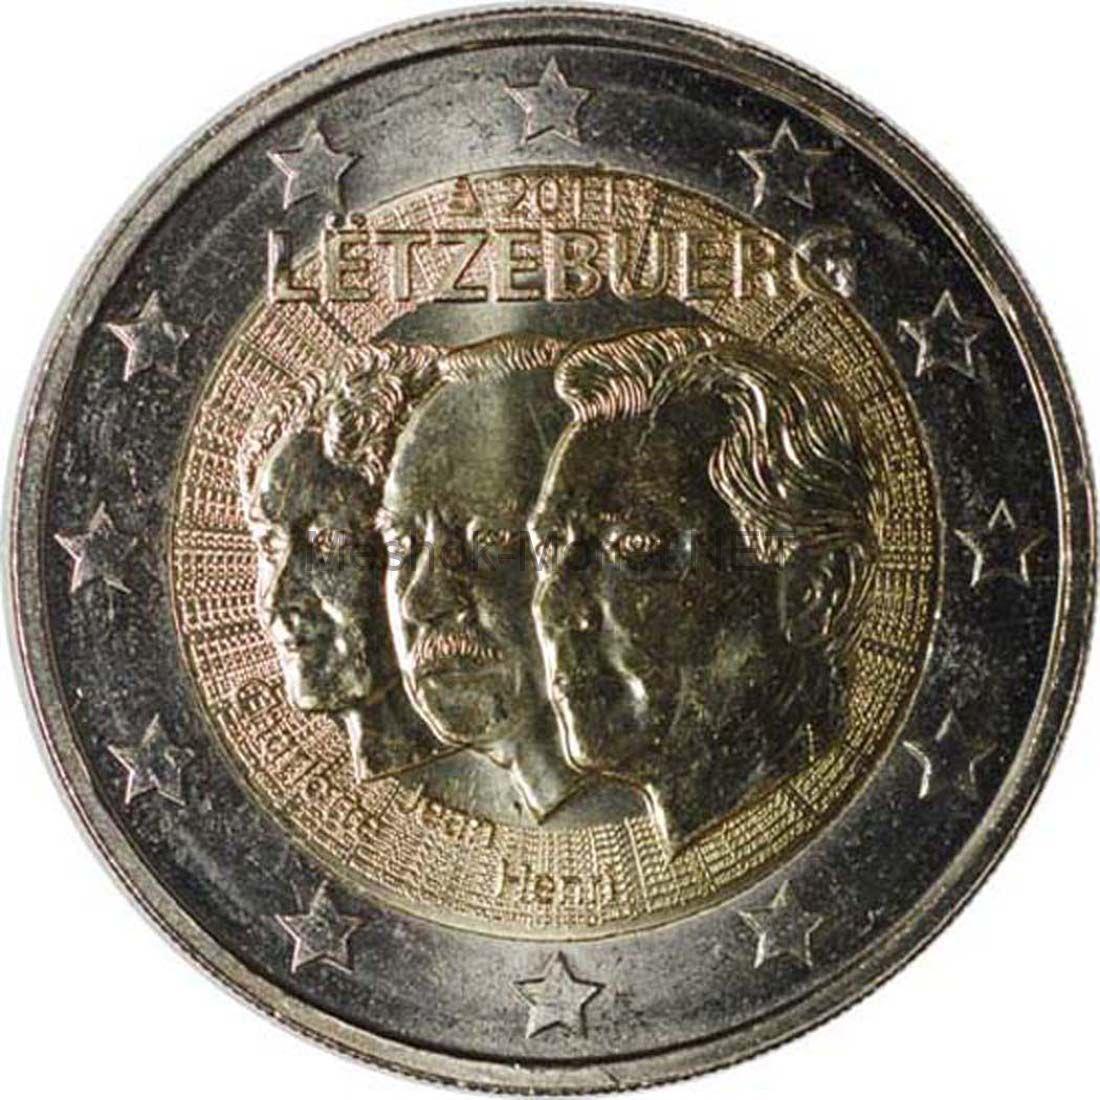 Люксембург 2 евро 2011, 50 лет назначения Великого герцога Люксембурга Жана титулом «Лейтенант - представитель»